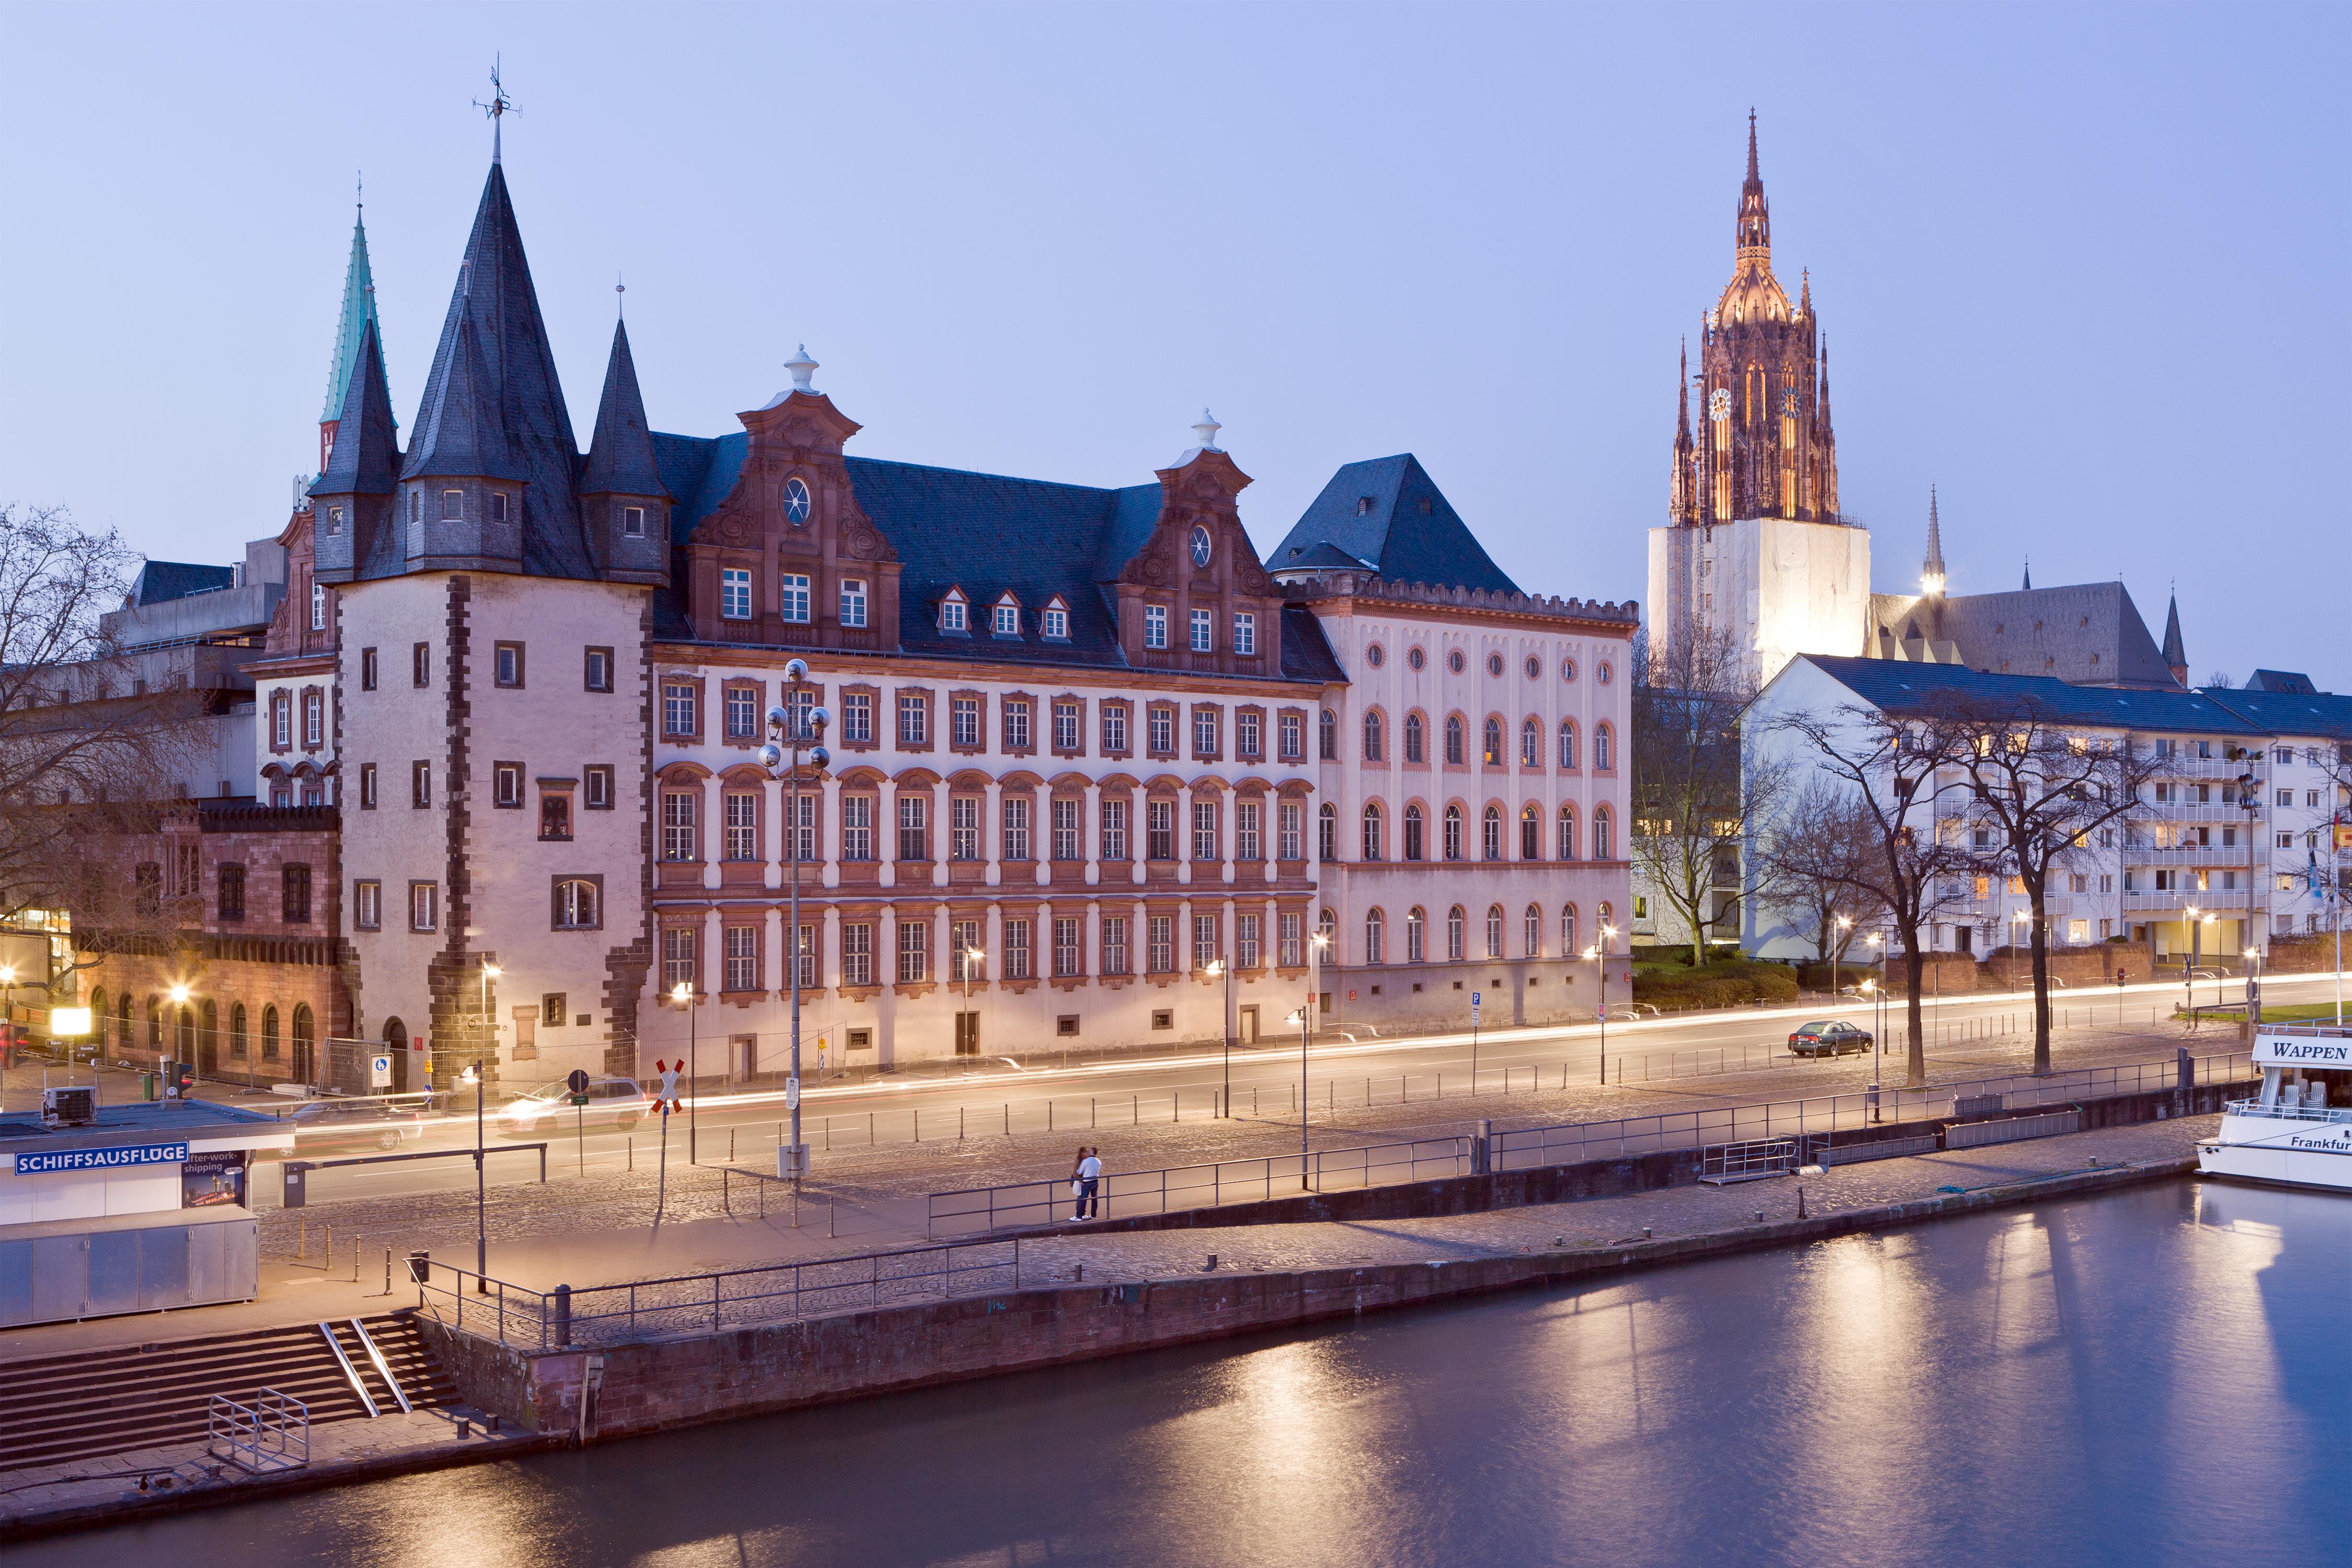 rahmenplan innenstadtkonzept frankfurt seite 4 deutsches architektur forum. Black Bedroom Furniture Sets. Home Design Ideas